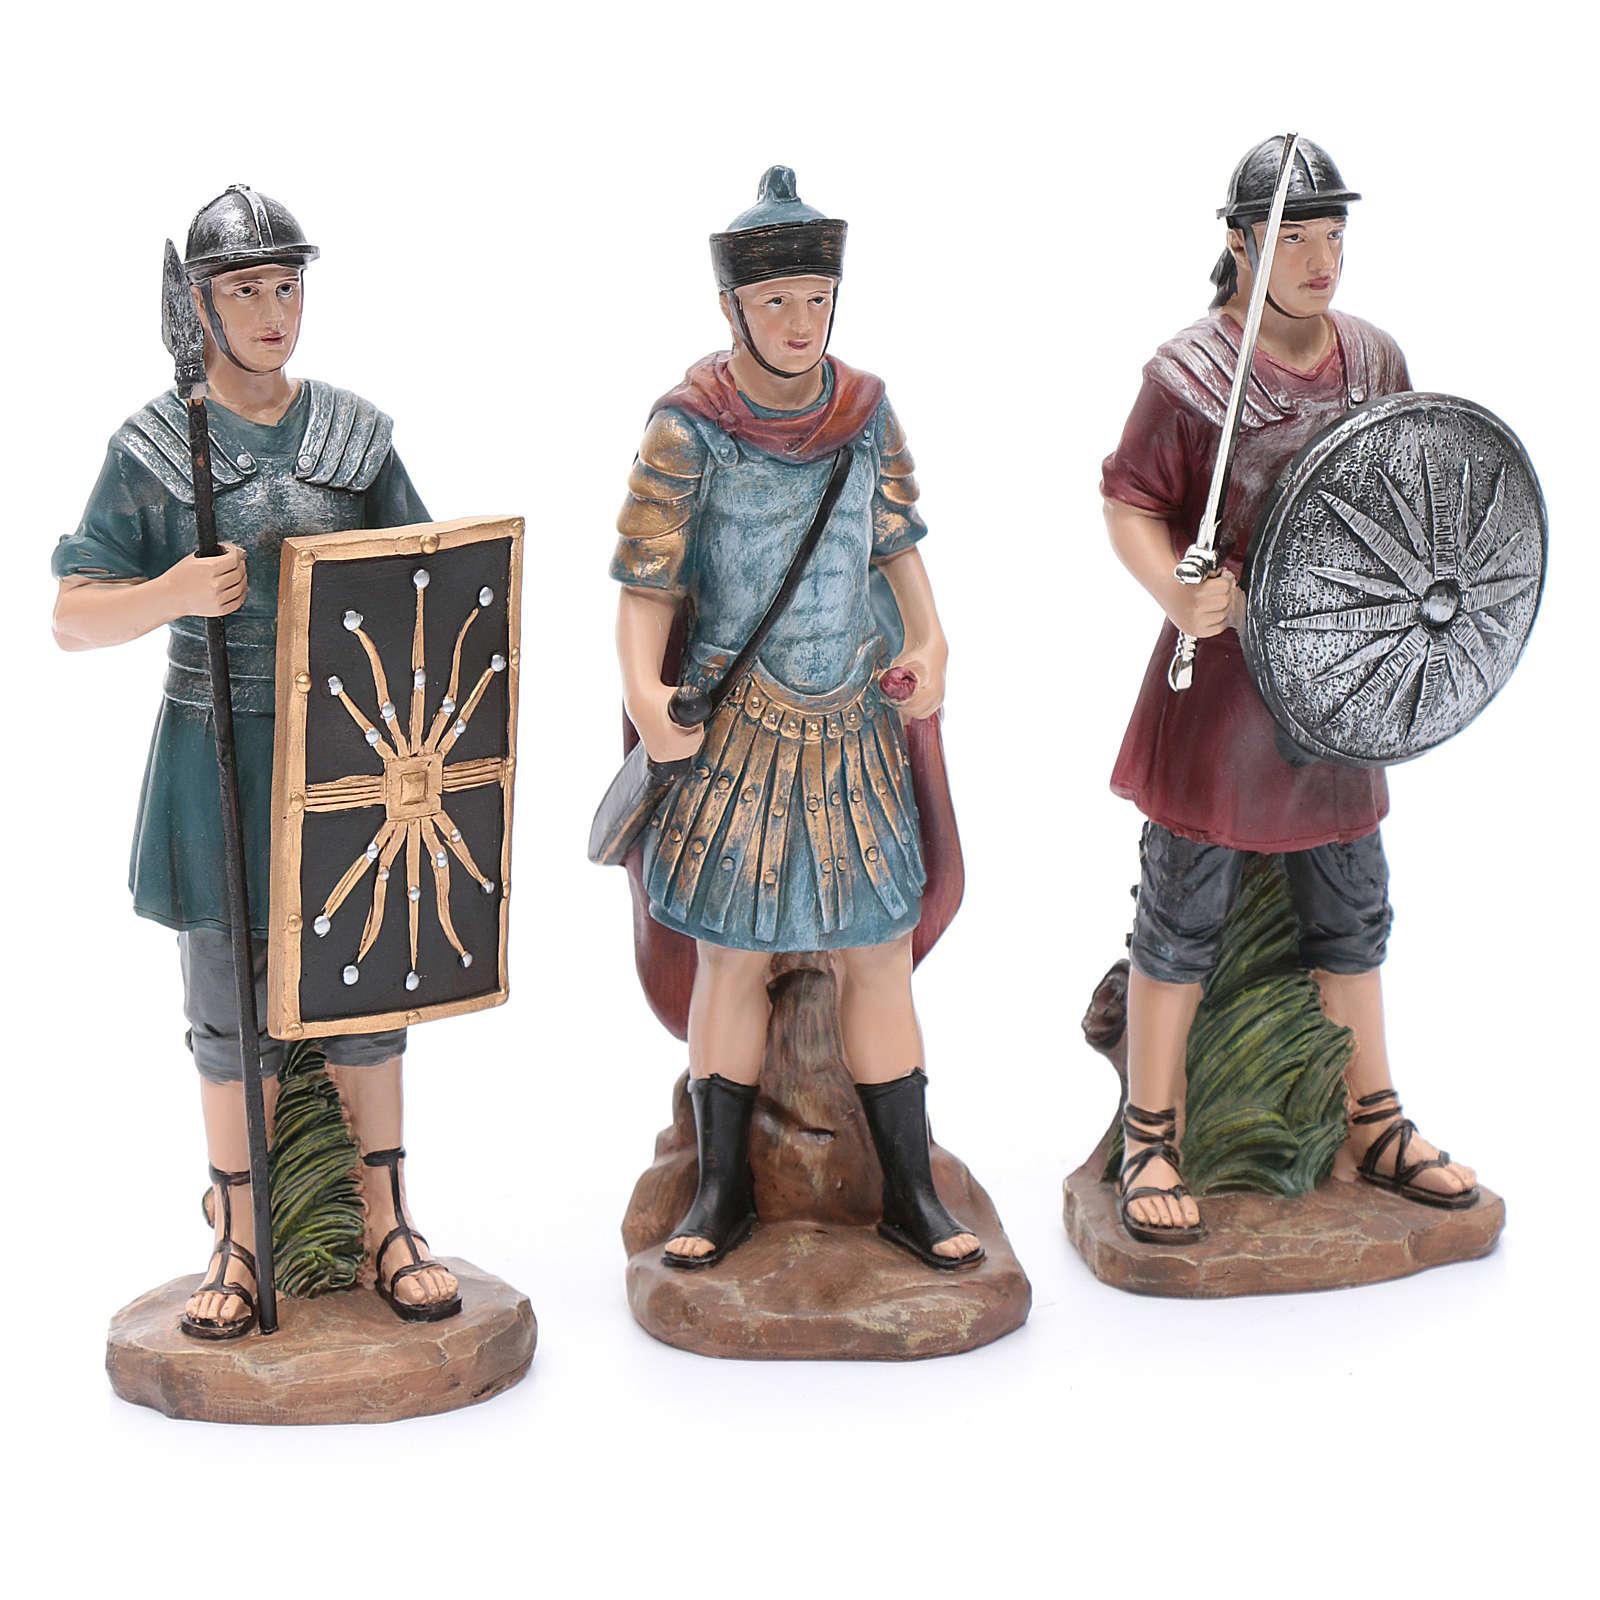 Soldati romani in resina per presepe 20 cm set 3 pz 3